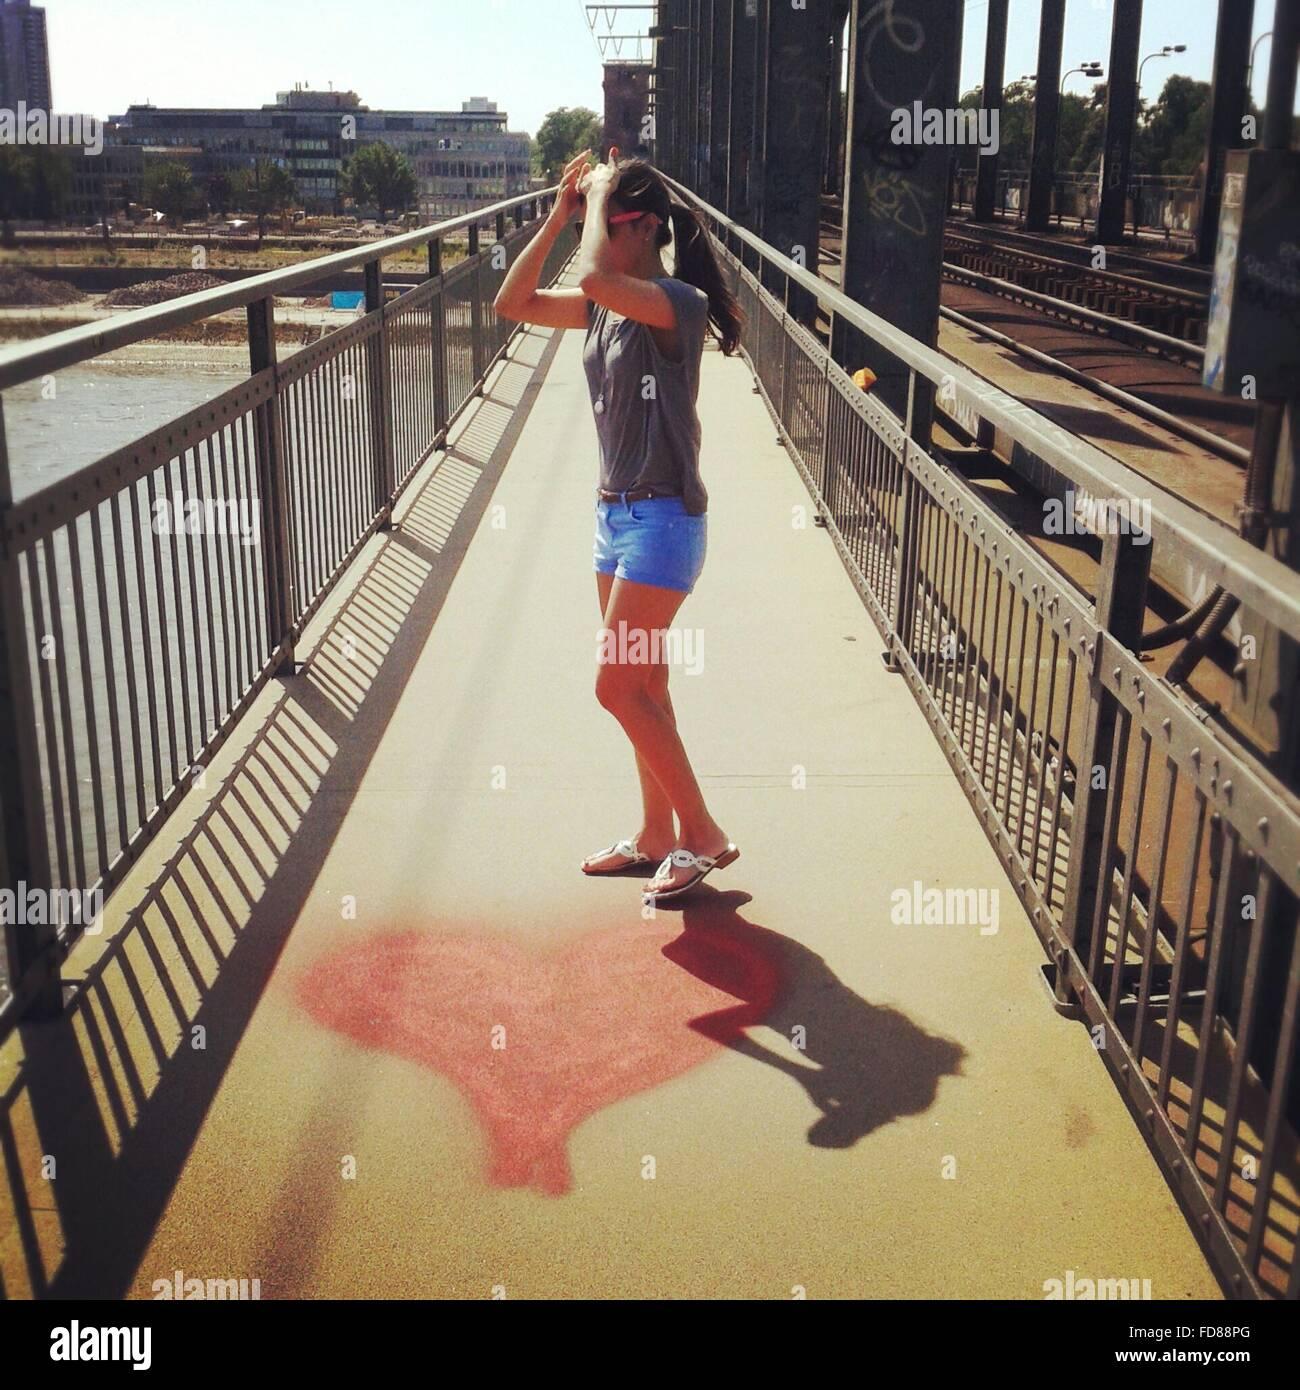 La longitud completa de la Mujer Joven de pie en el puente peatonal con pintura con forma de corazón Imagen De Stock